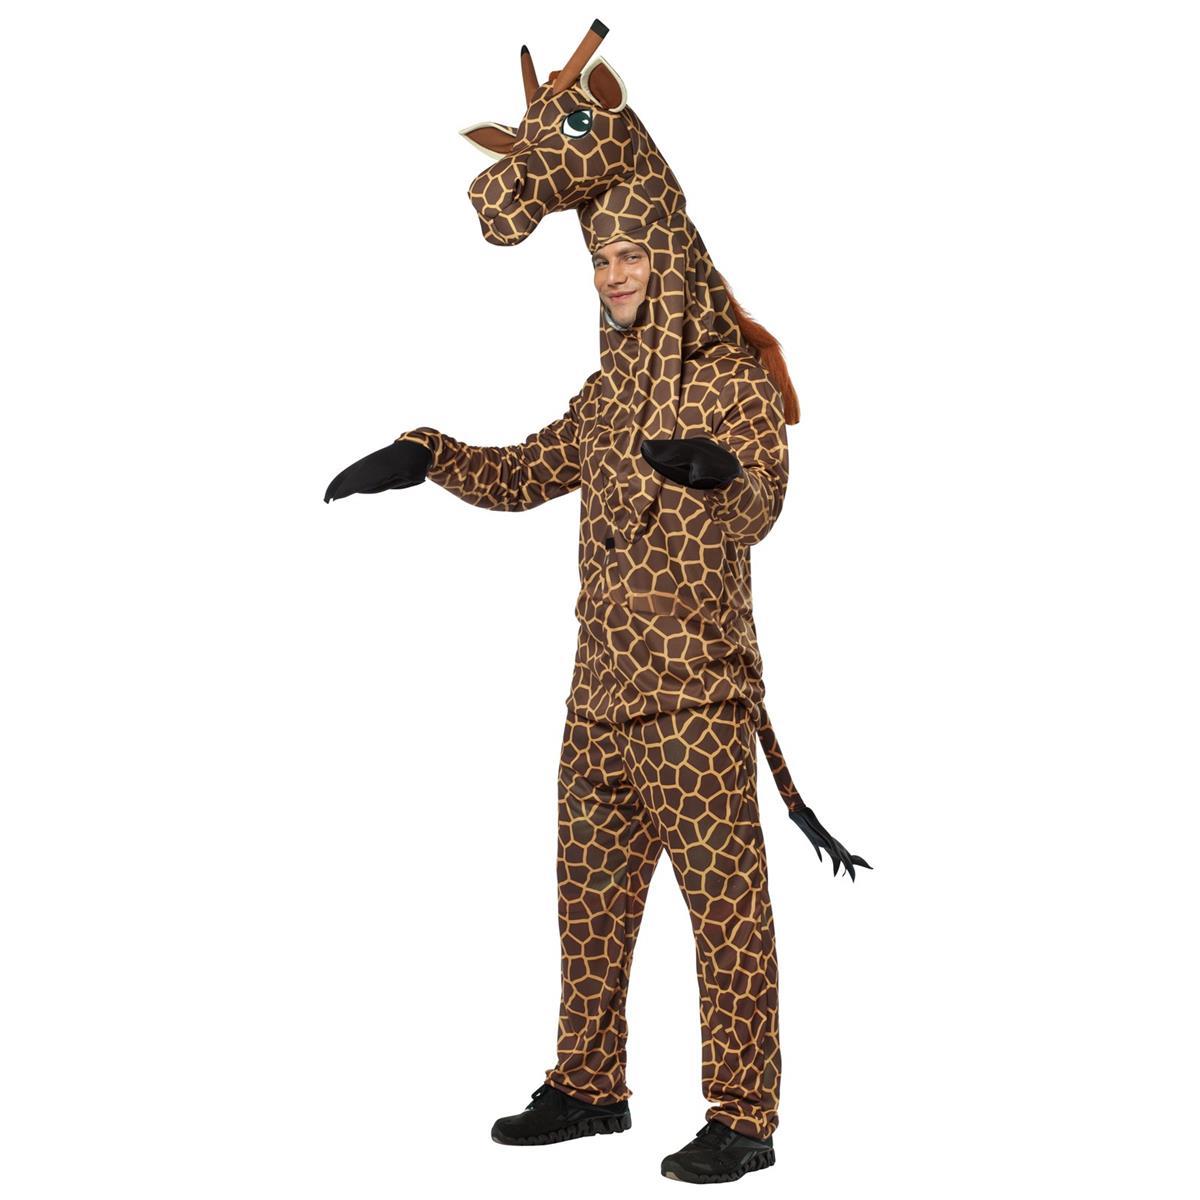 キリン コスプレ コスチューム 動物 着ぐるみ 大人 ハロウィン 衣装